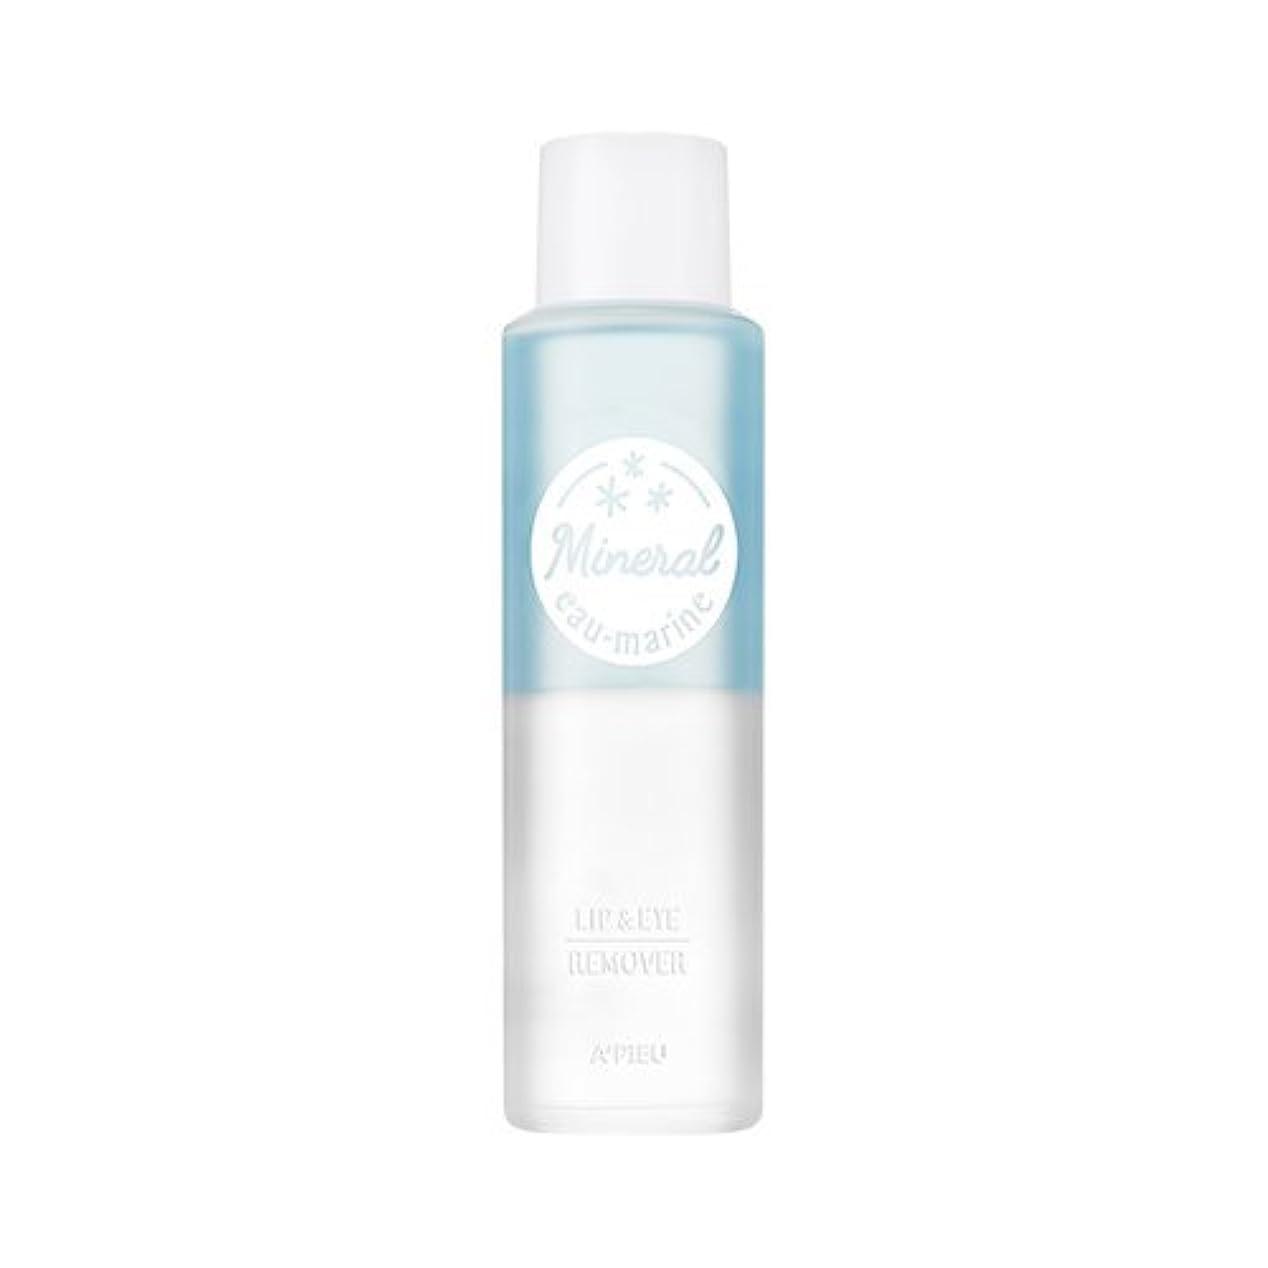 ソーセージ速報無謀APIEU Mineral Lip and Eye Make Up Remover 250ml (eau-marine) / アピュ ミネラル リップ?アイ メイクアップ リムーバー(大容量) [並行輸入品]